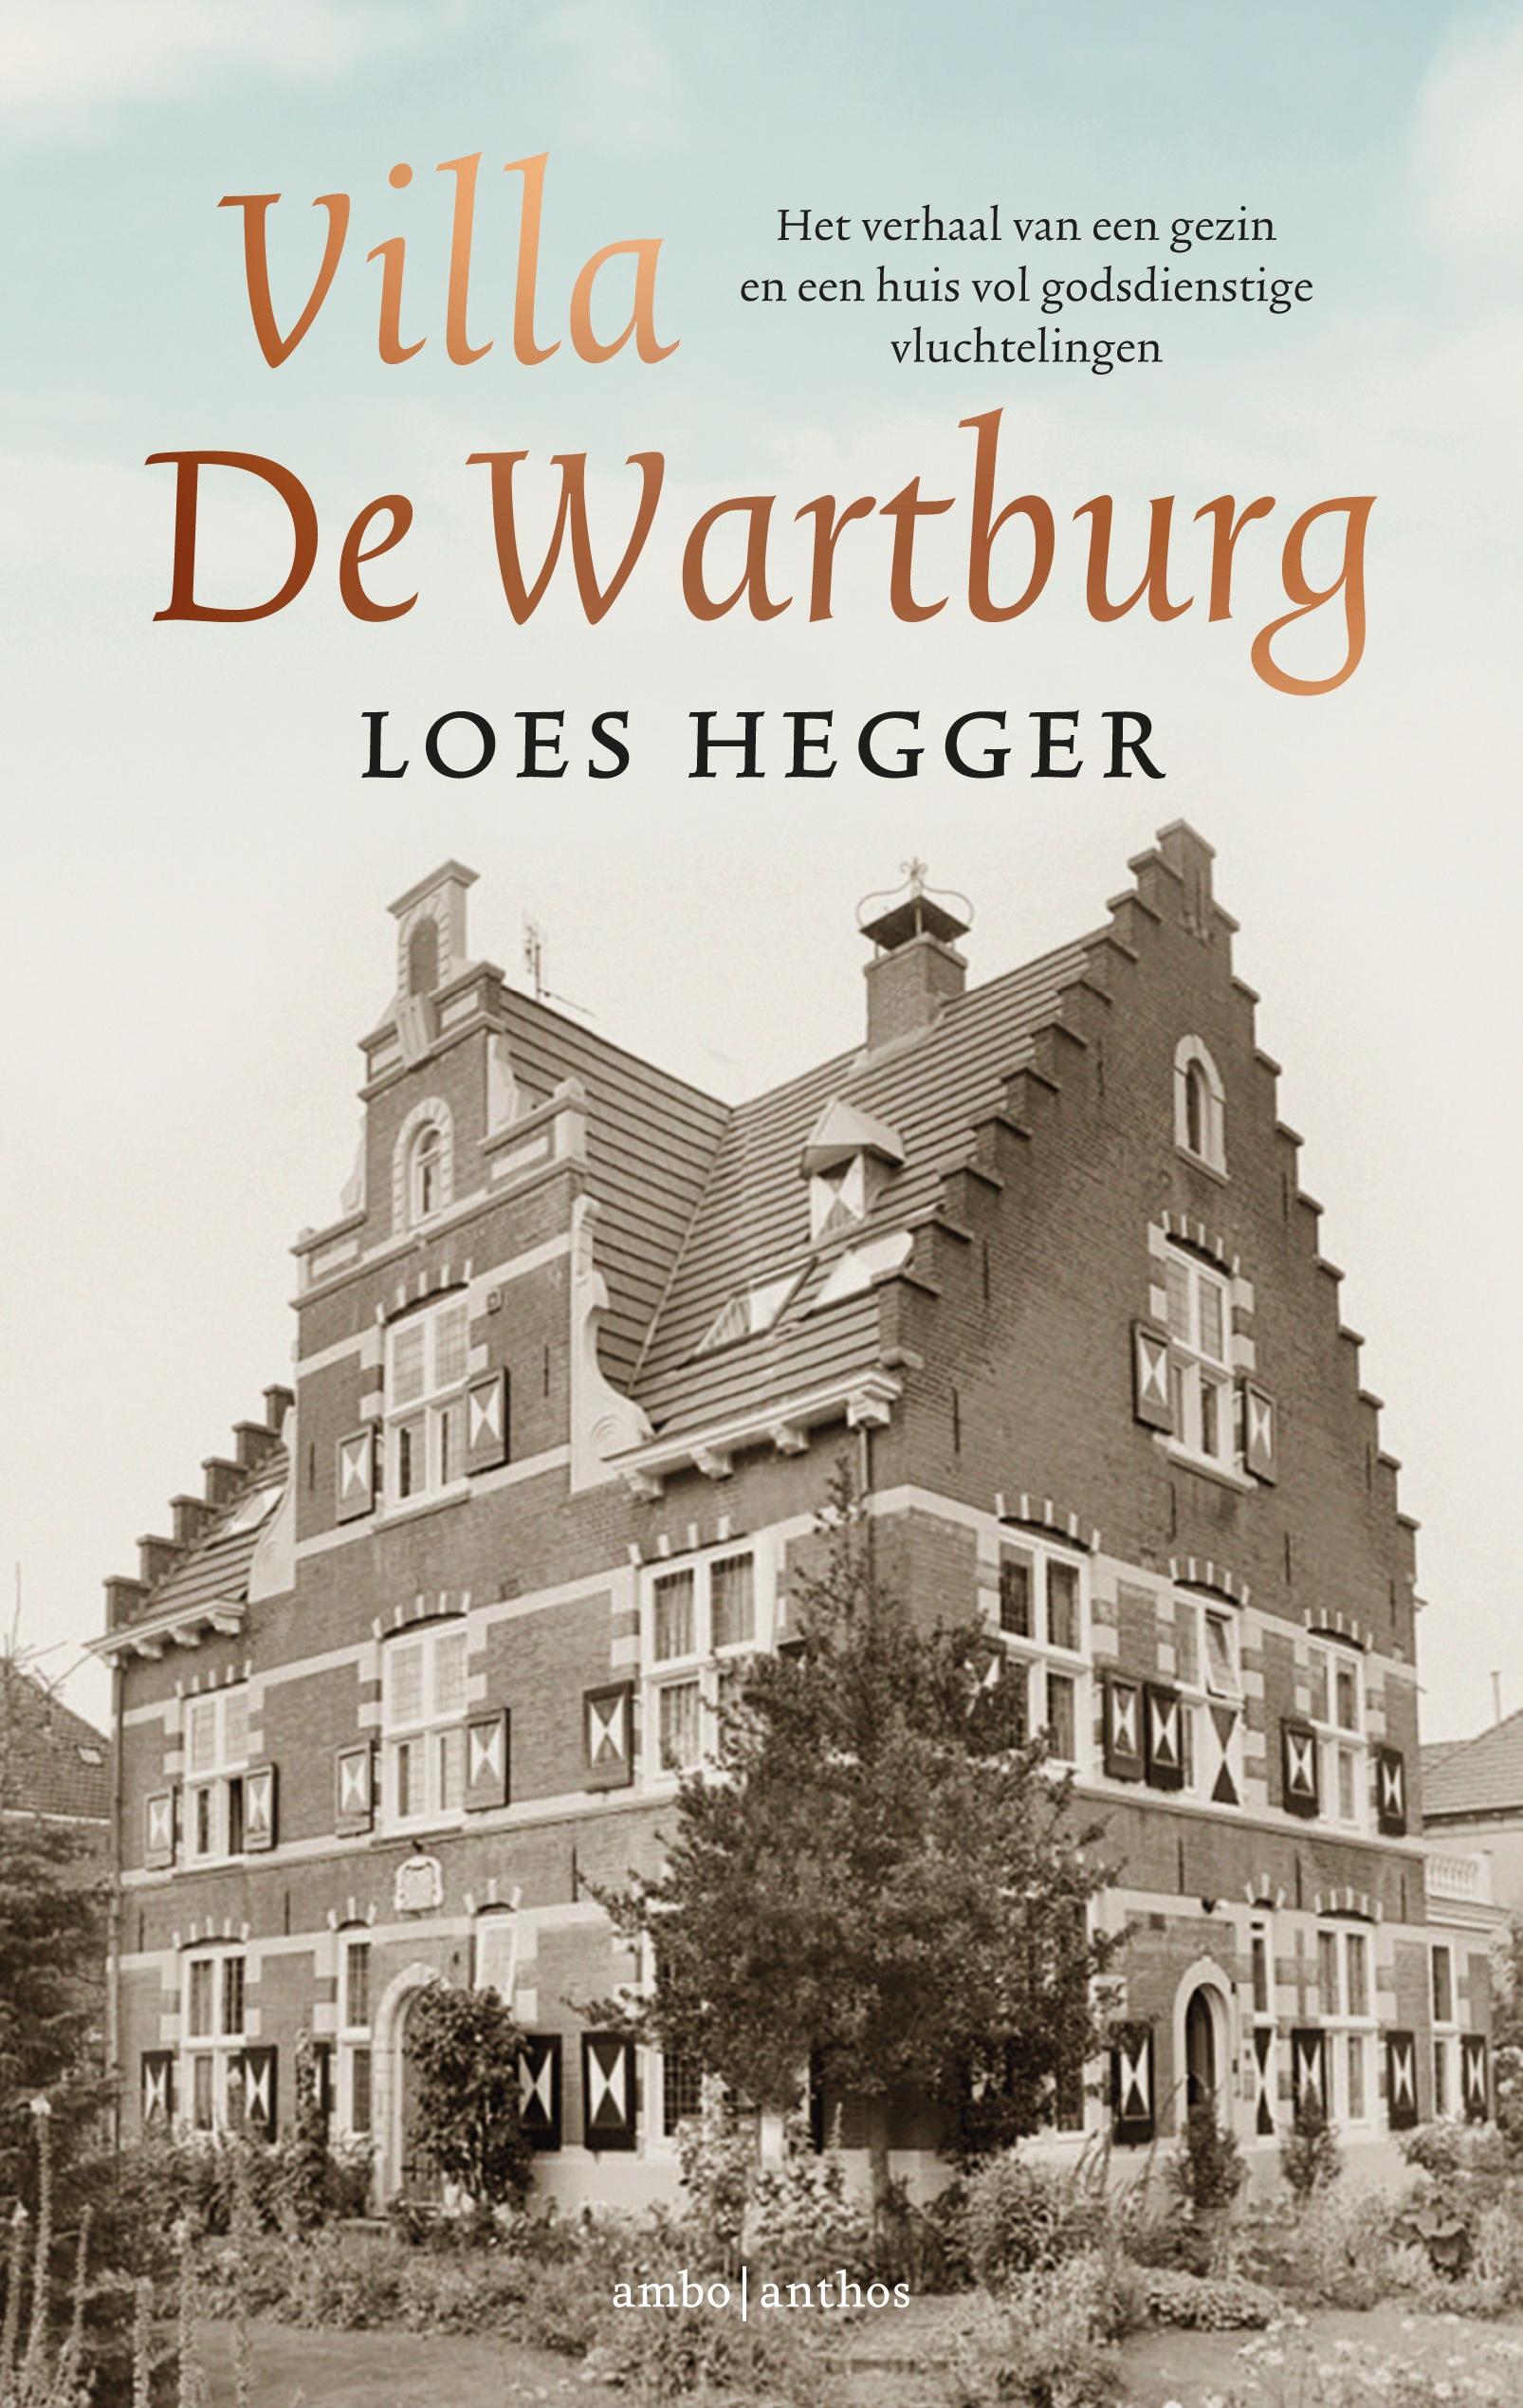 Villa De Wartburg - boekenflits